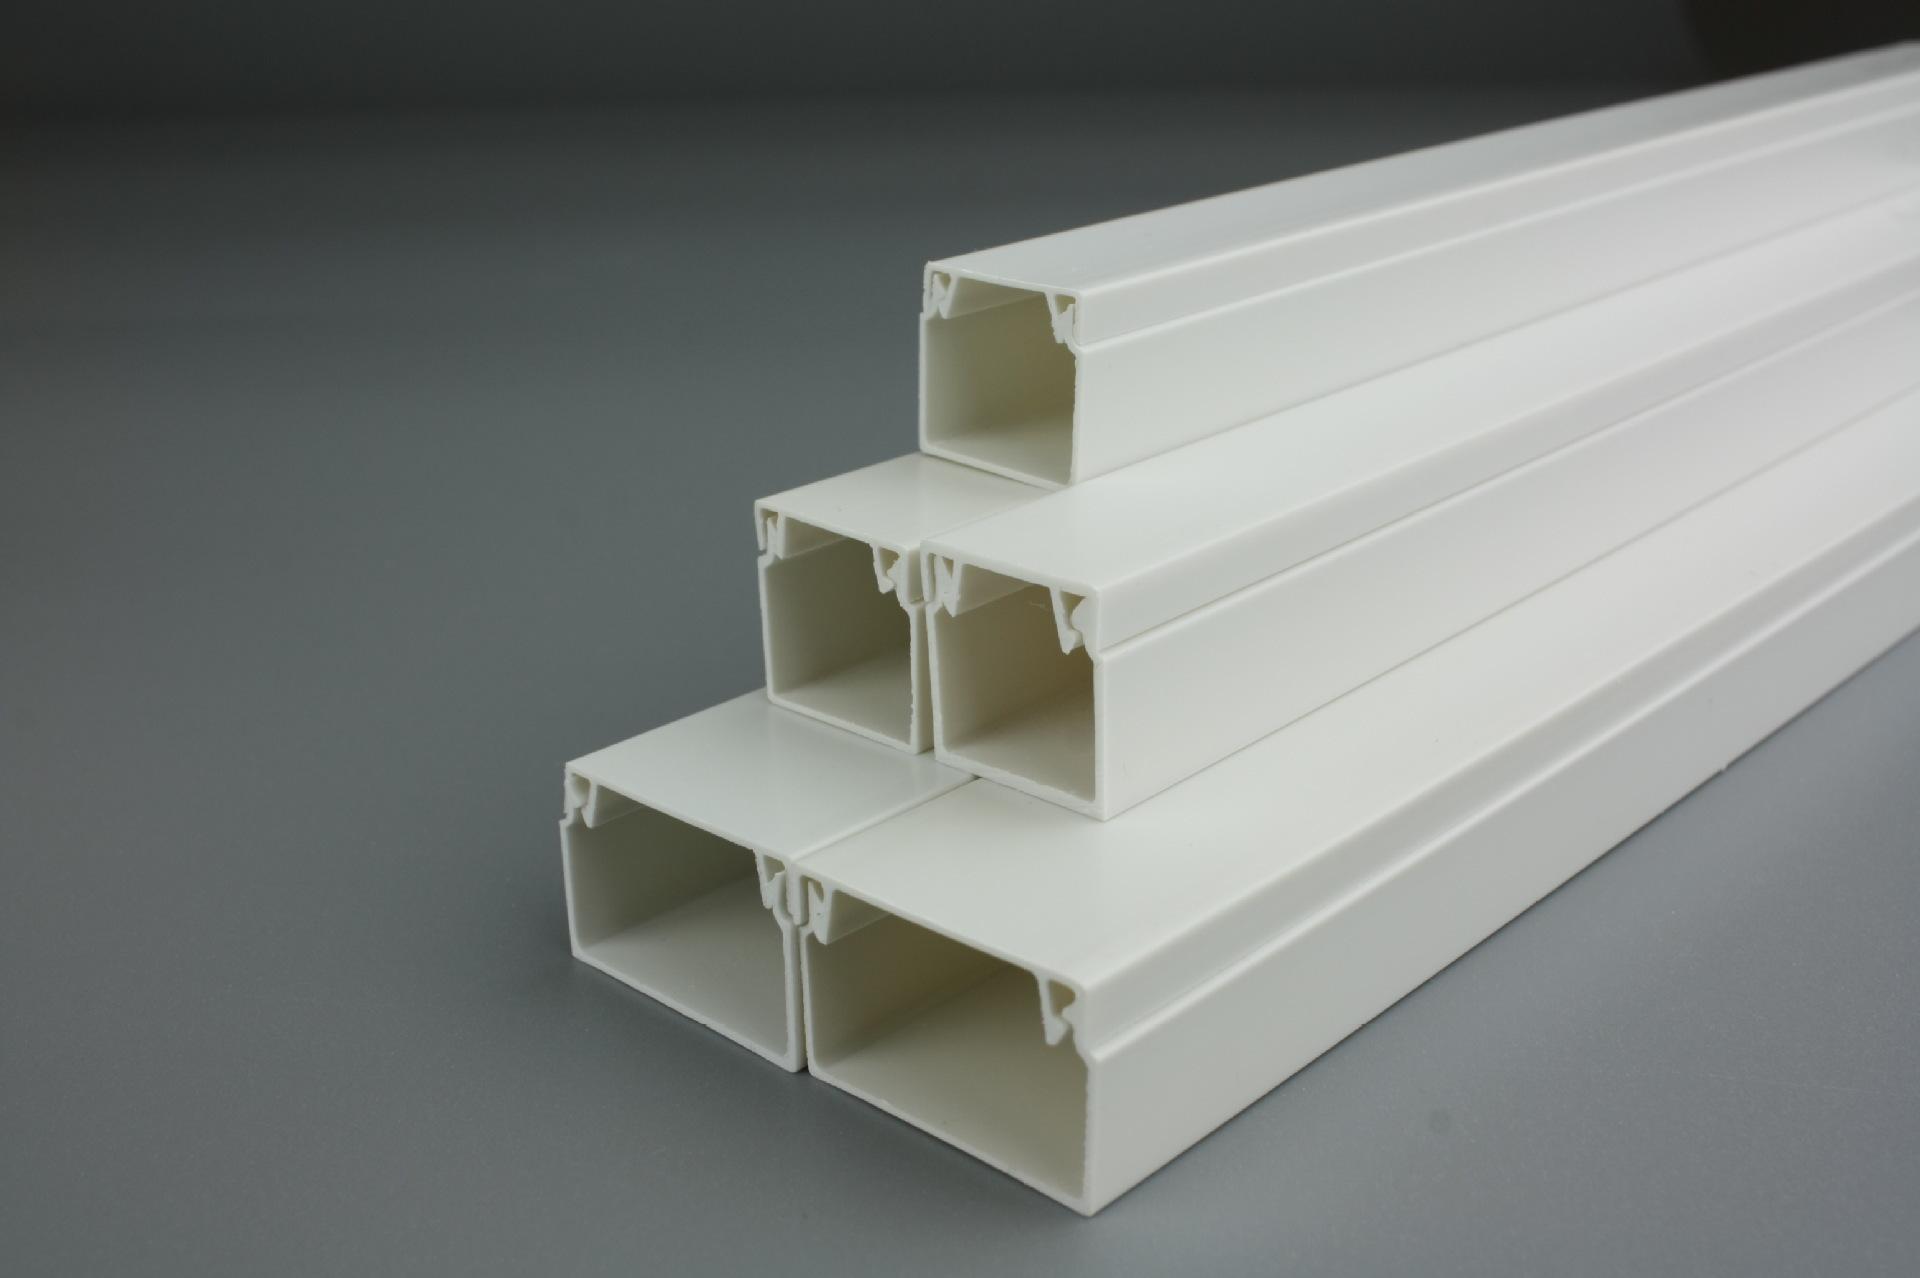 金属线槽厚度规范